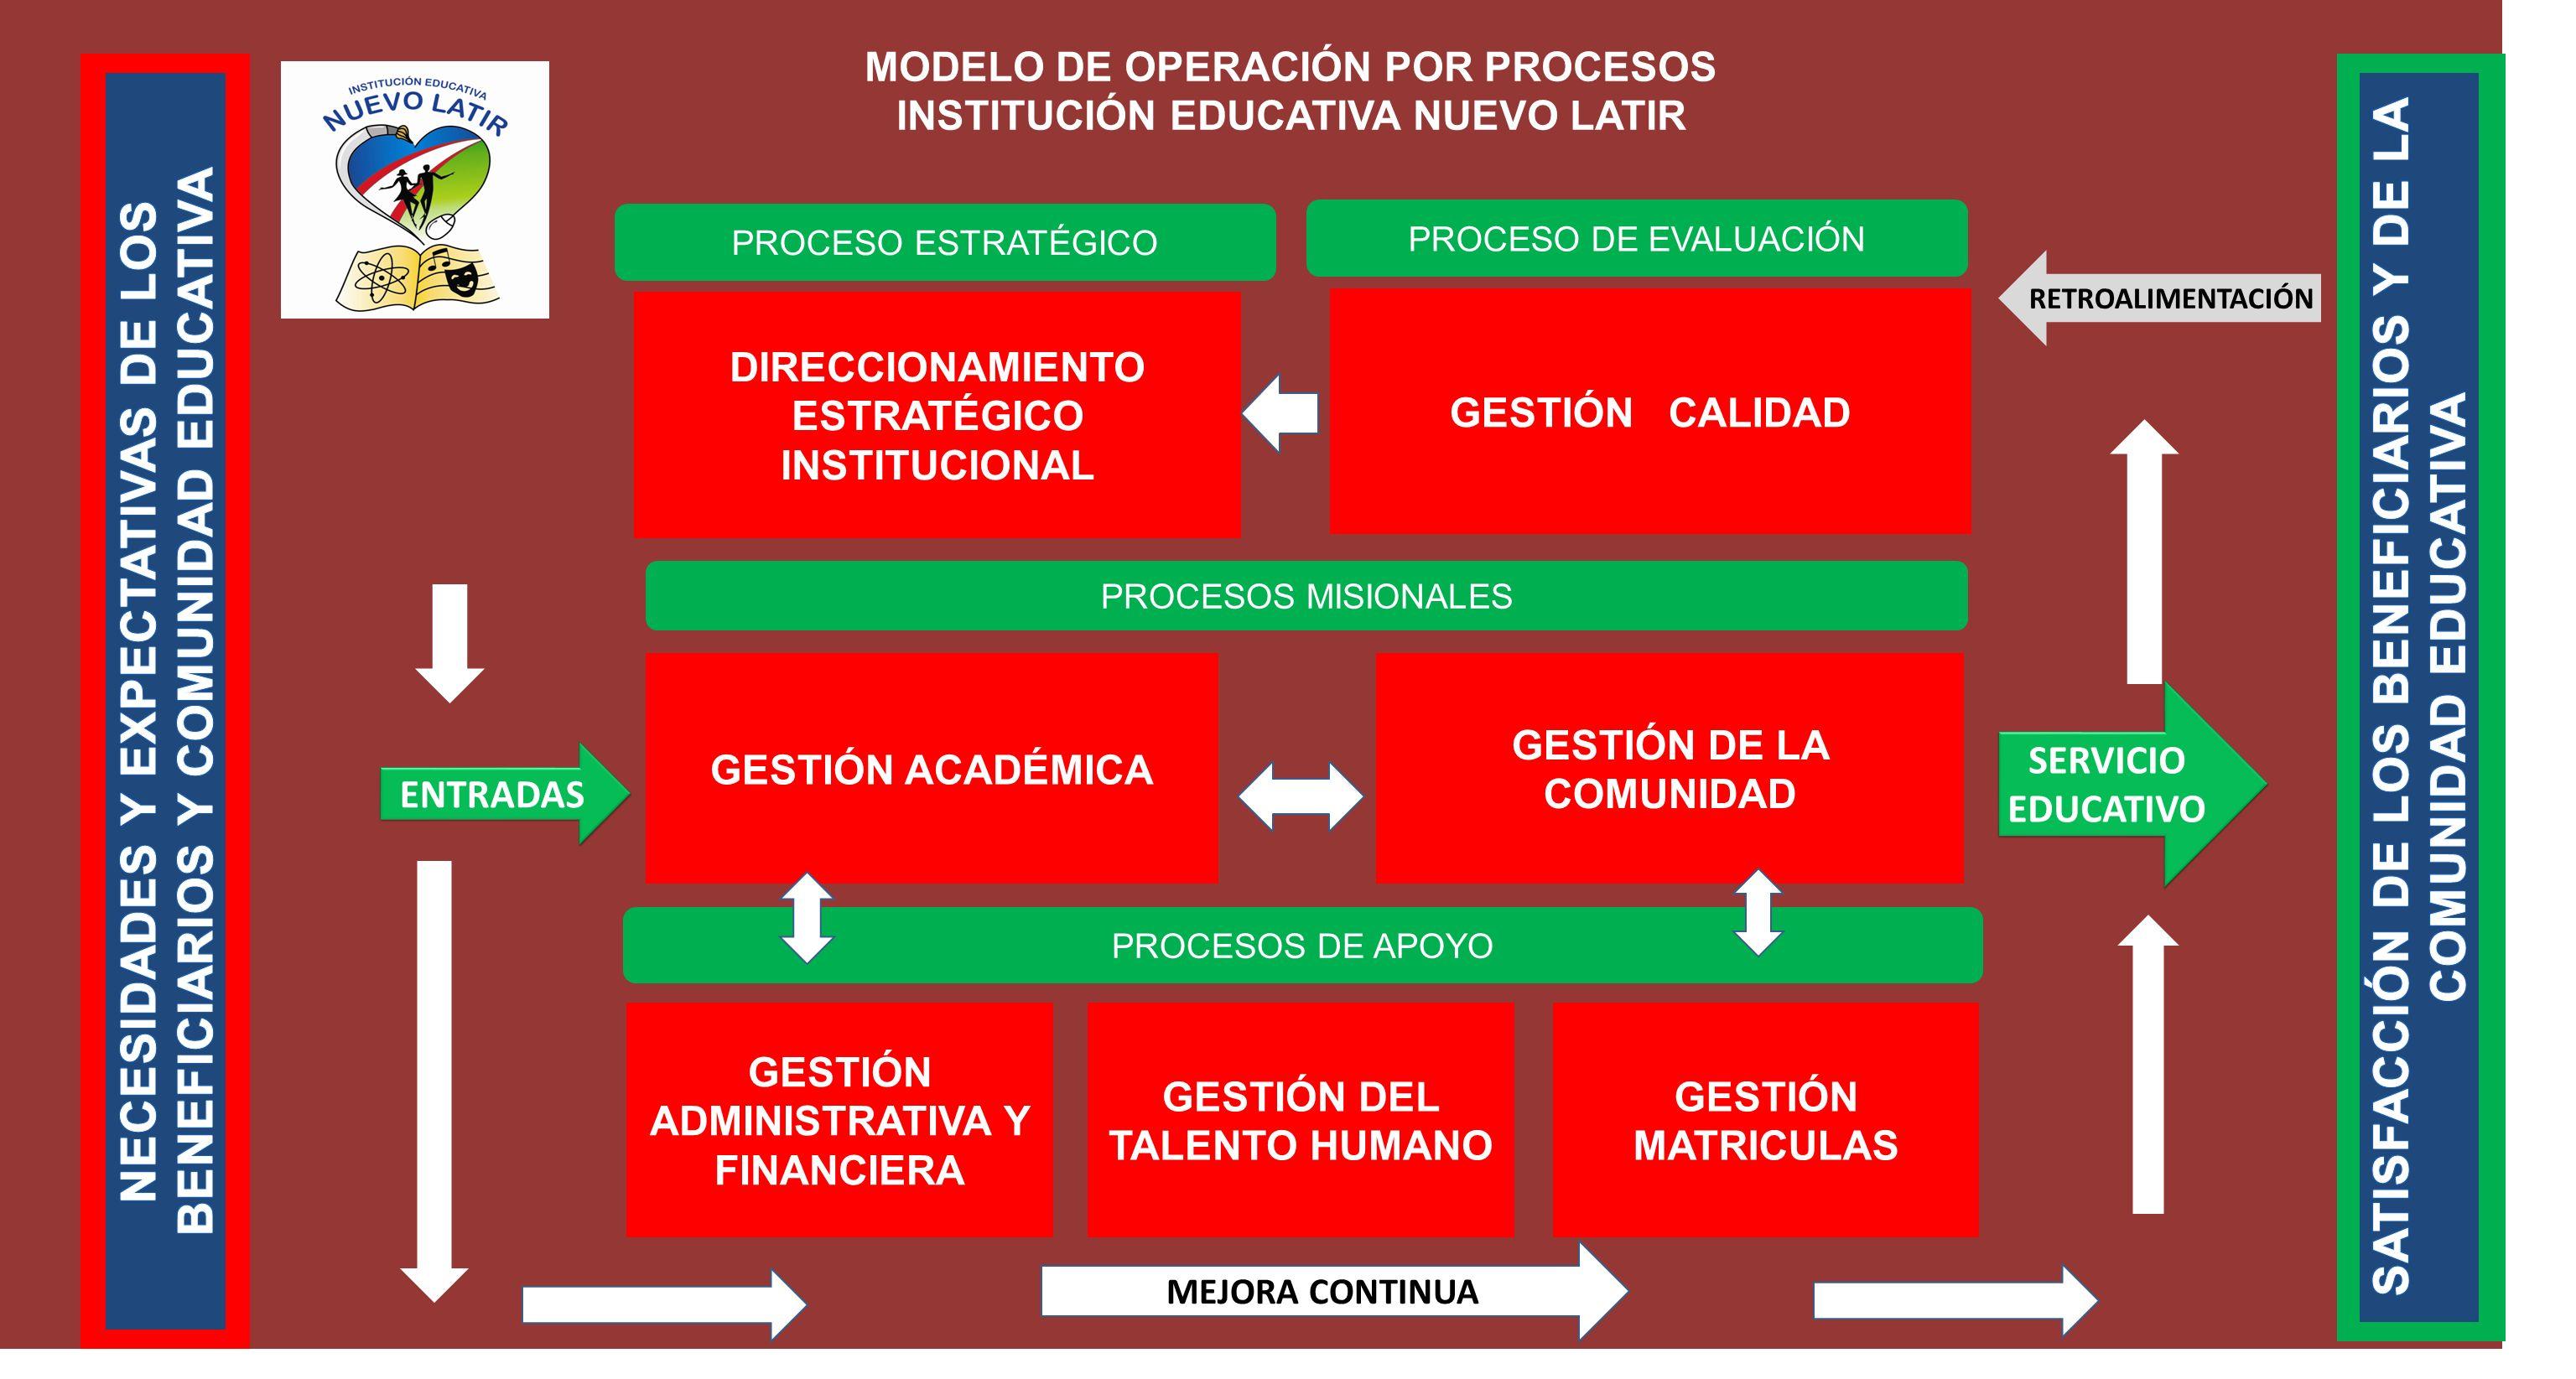 P.3 Cumplir con los procesos de diseño de la Infraestructura y espacio publico del sistema P.3 Cumplir con los procesos de diseño de la Infraestructura y espacio publico del sistema P.4 Coordinar la Implementación efectiva de los sistemas de gestión ( estructura, procesos, información, comunicación, evaluación y control) eficiente eficaz P.1.